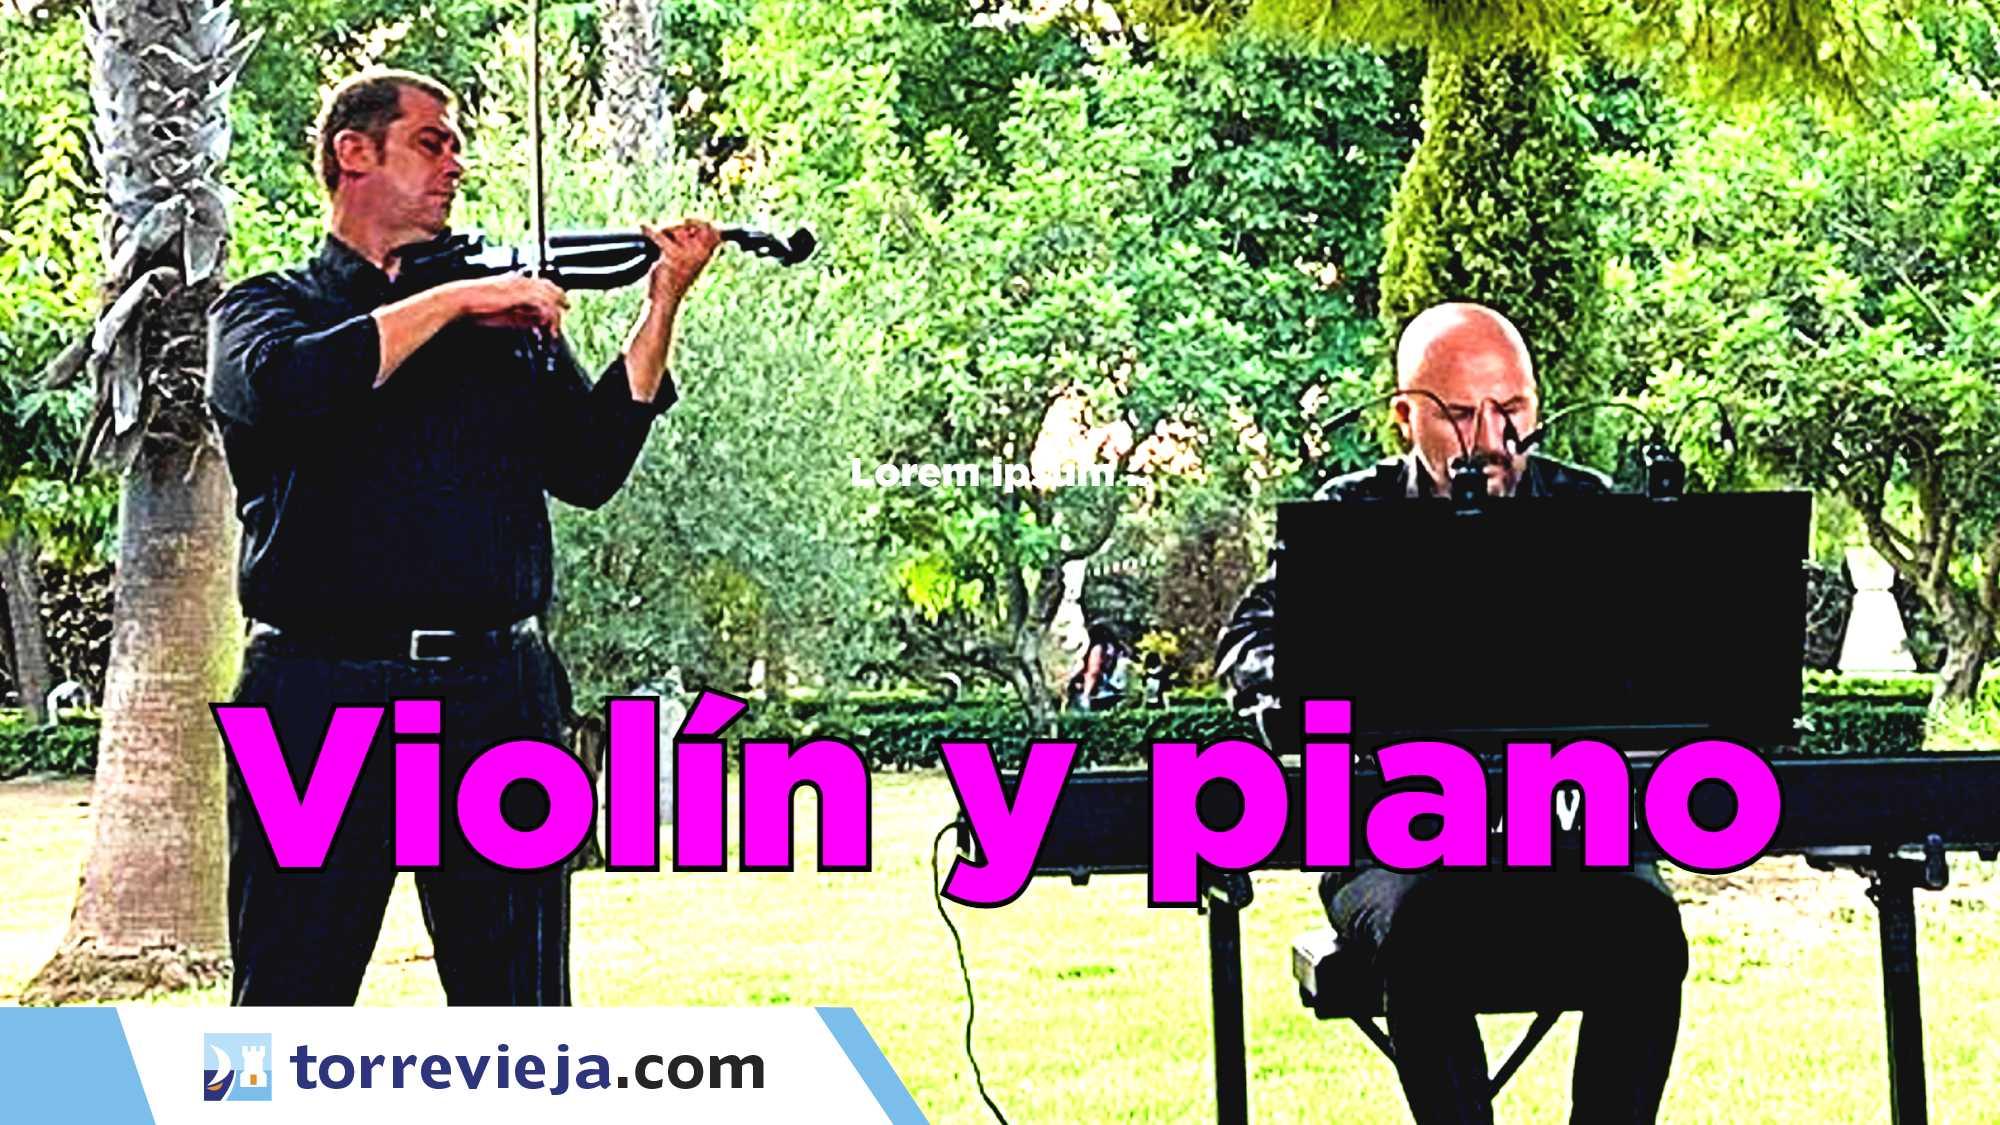 Concierto de Violín y piano torrevieja